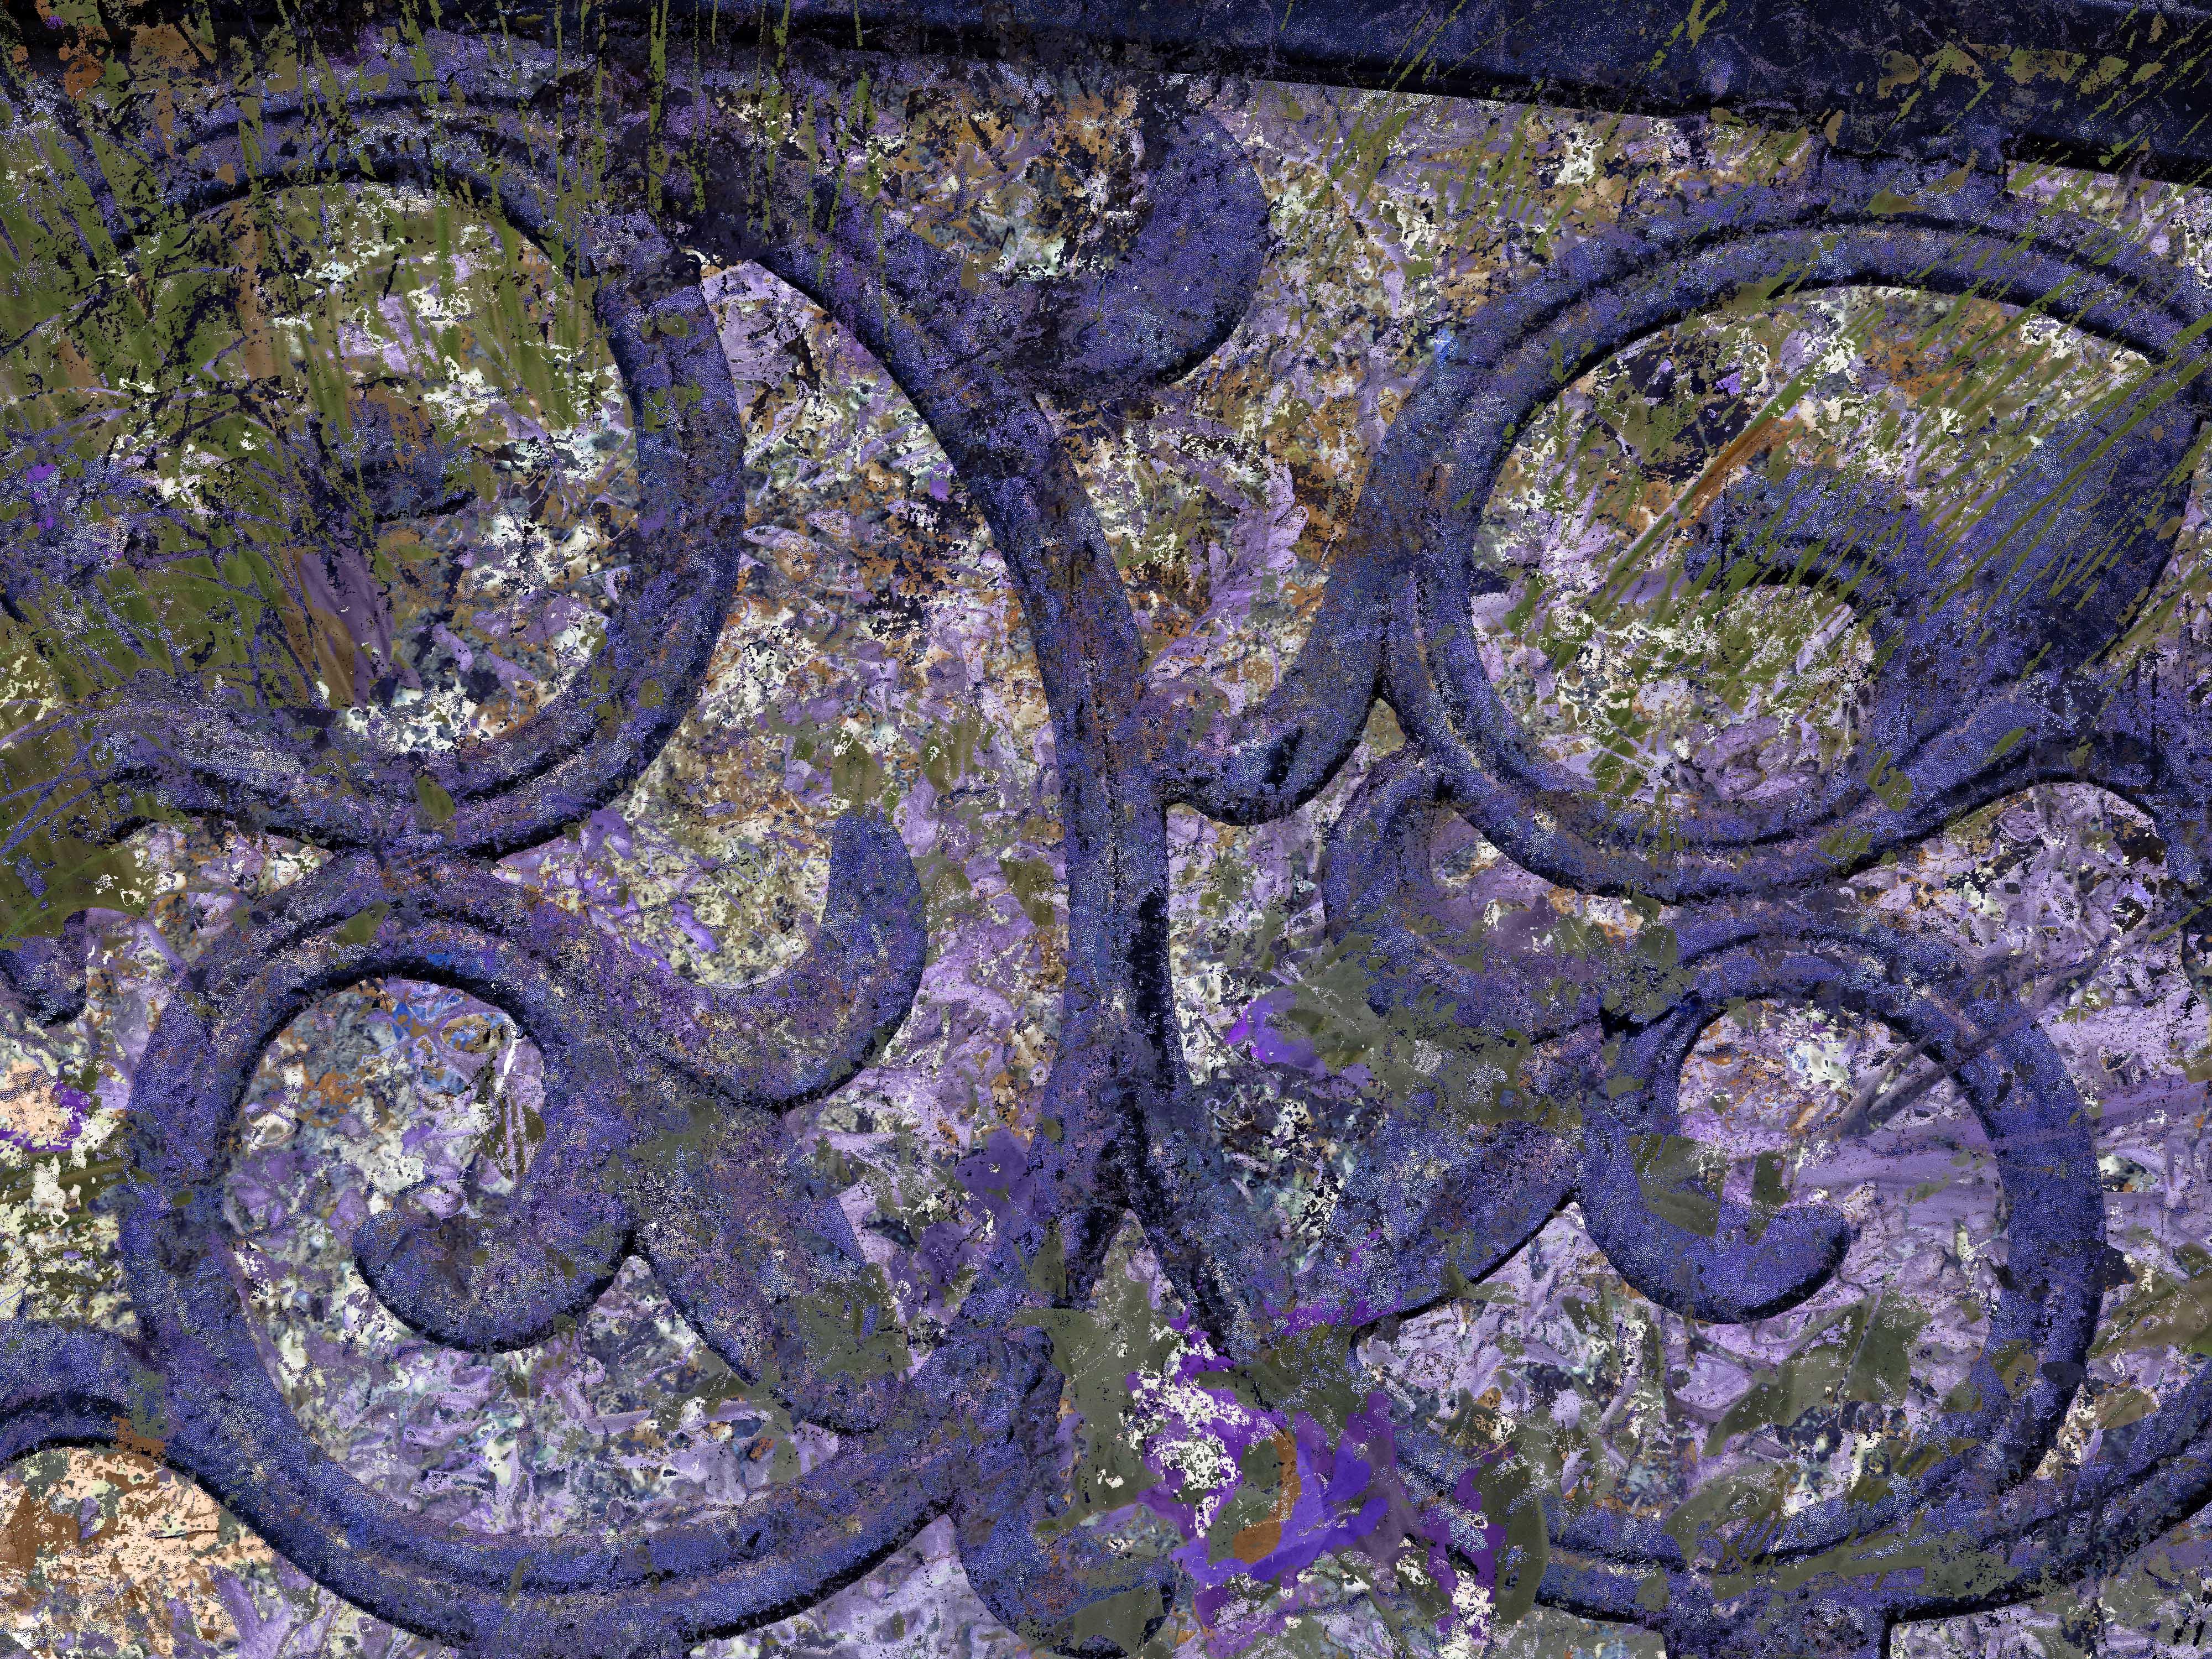 StonePlant FLW 3354 drewg